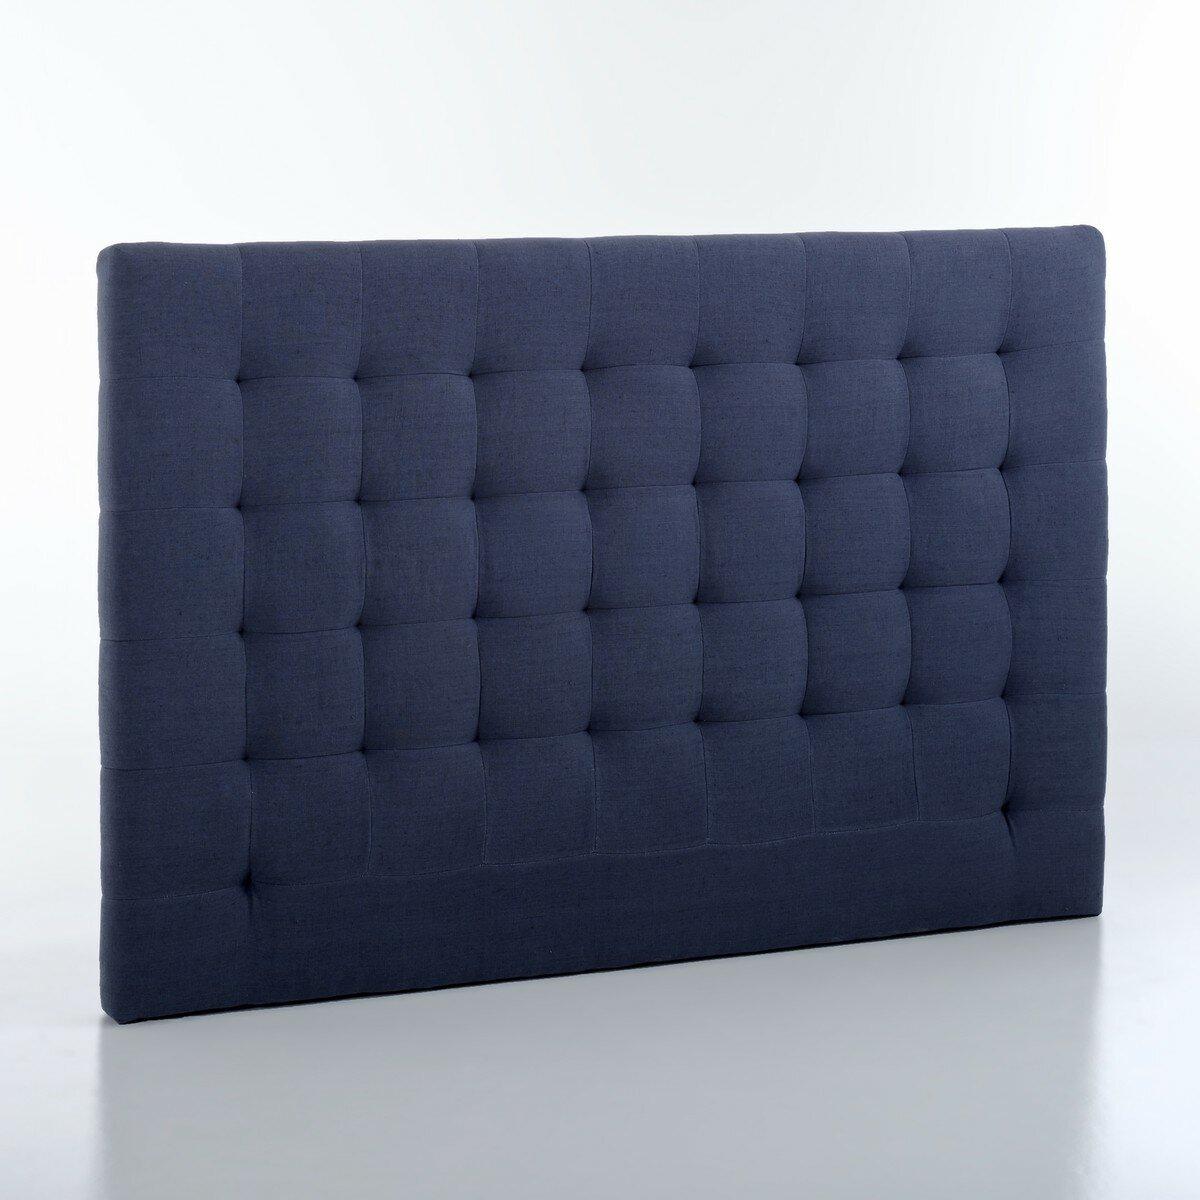 Изголовье La Redoute Кровати с обивкой из осветленного льна В см SELVE 180 см синий